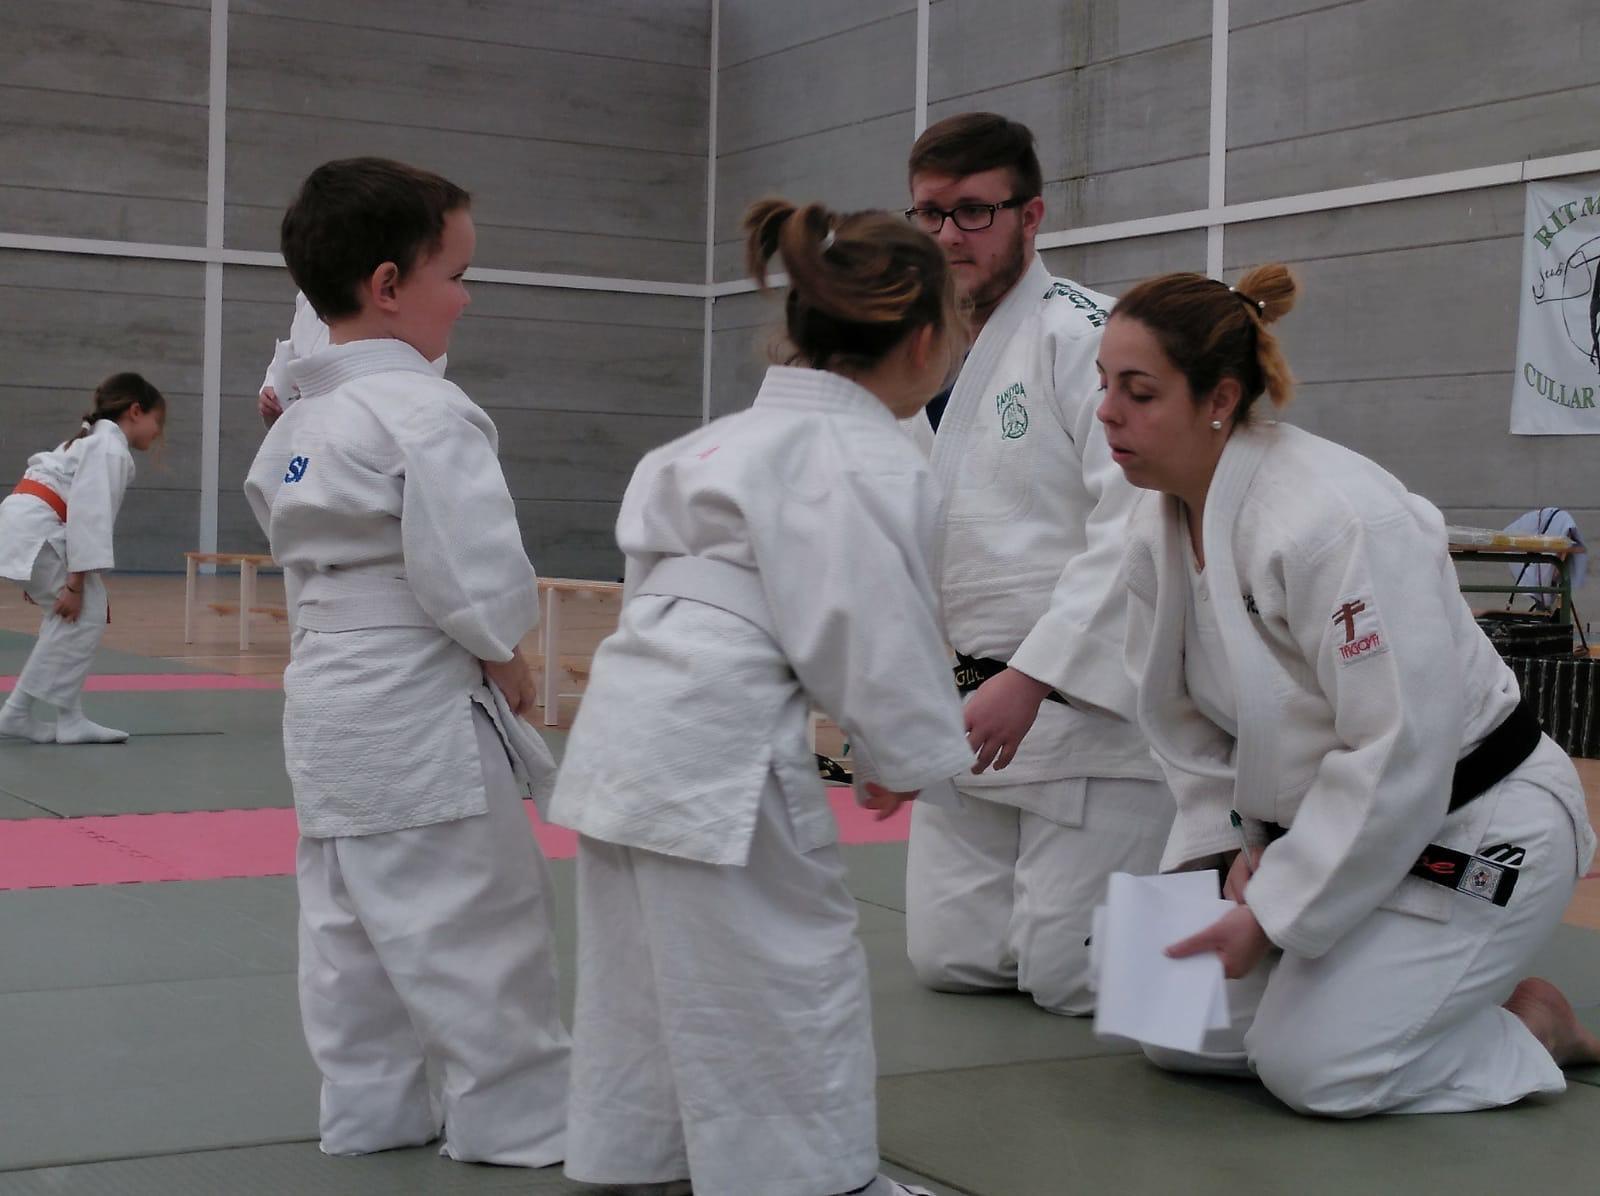 Más de 300 jóvenes deportistas participarán este domingo en el I Trofeo de Judo de Cúllar Vega